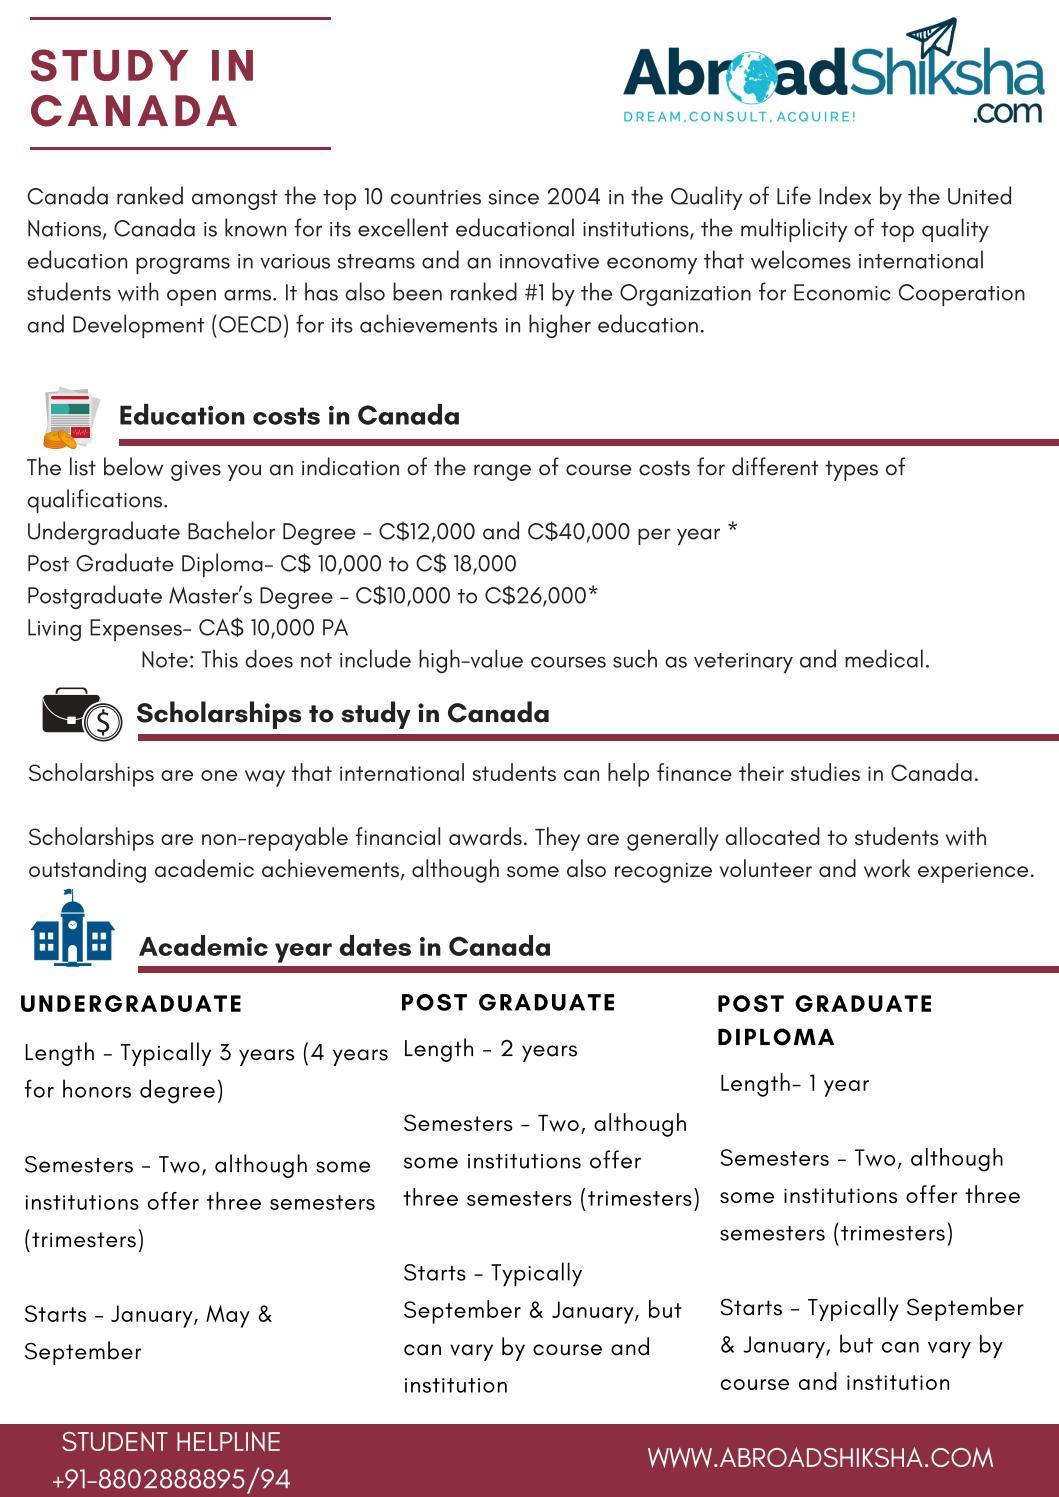 study in canada by abroadshiksha - issuu